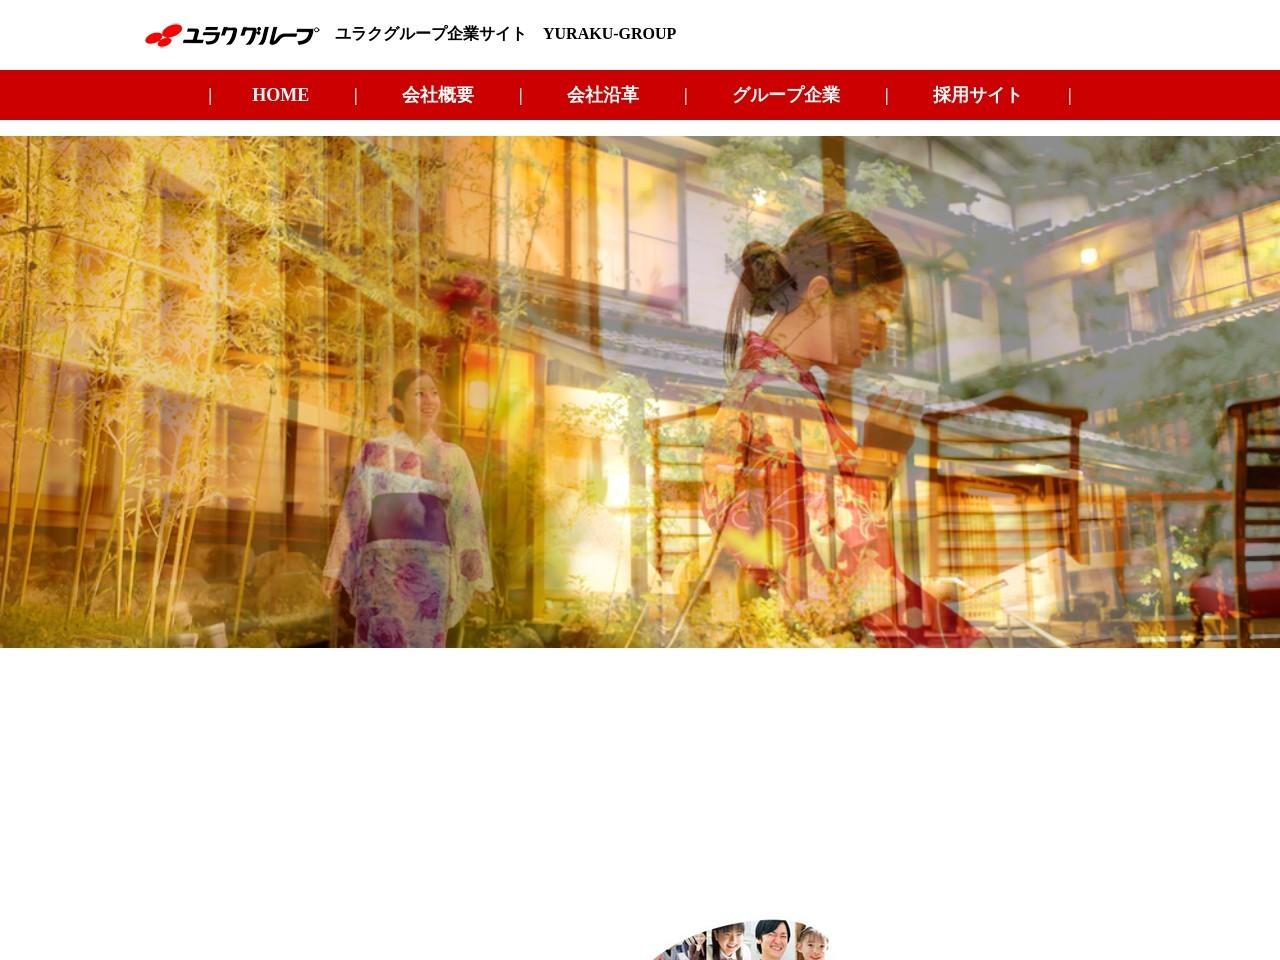 ユラクグループ企業サイト/トップページ/城崎温泉宿泊は湯楽、城崎、きのさき温泉、きのさき